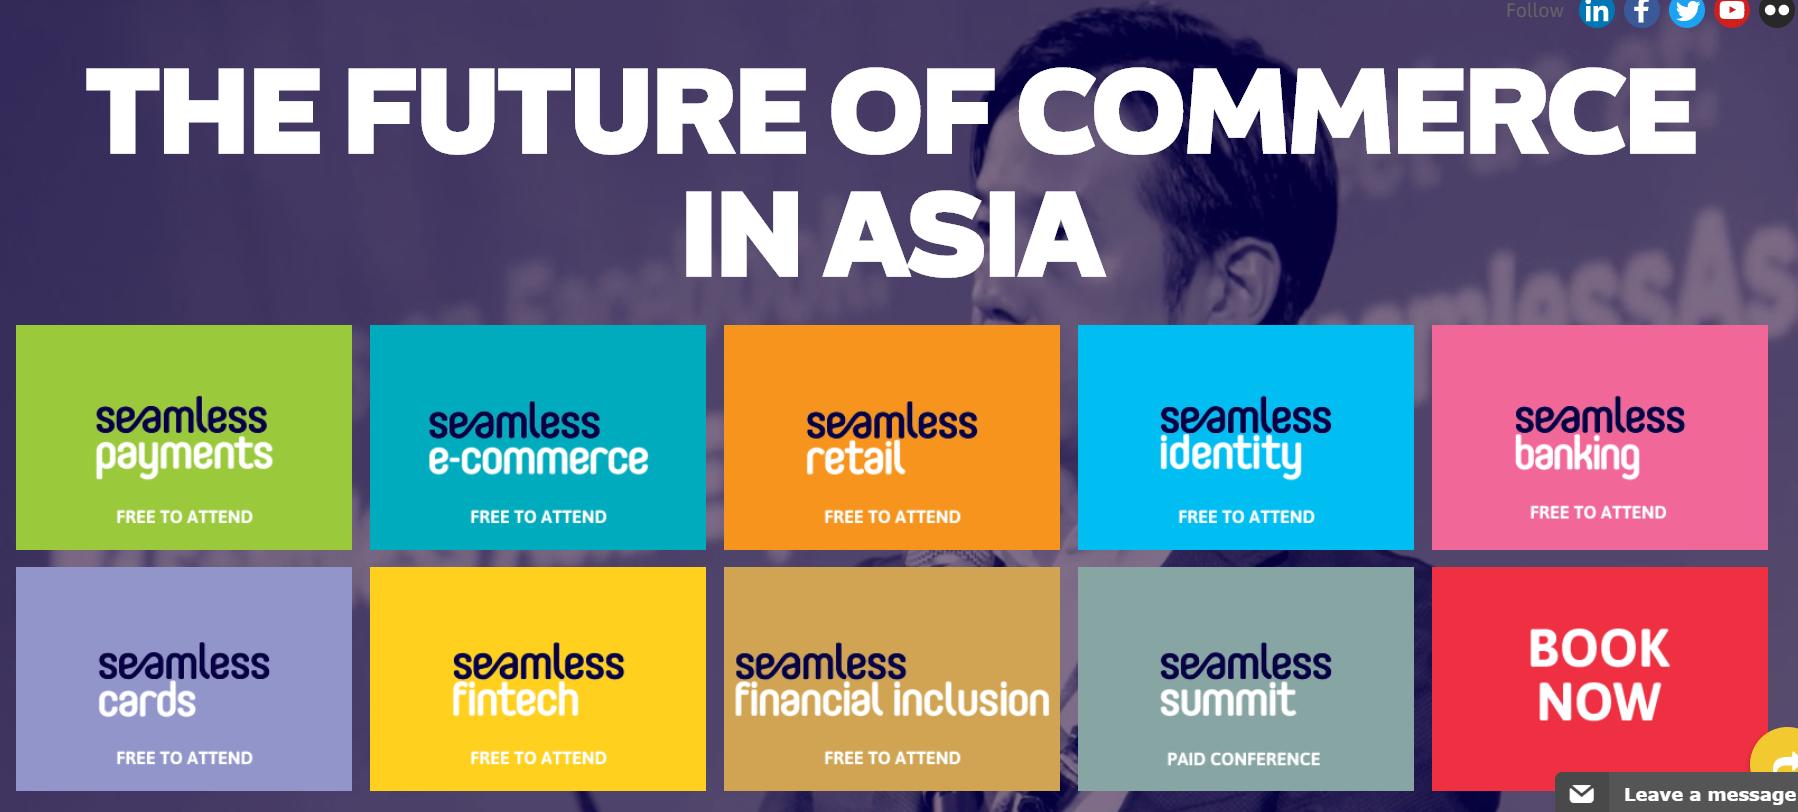 Événement fintech 2019 - Seamless Summit